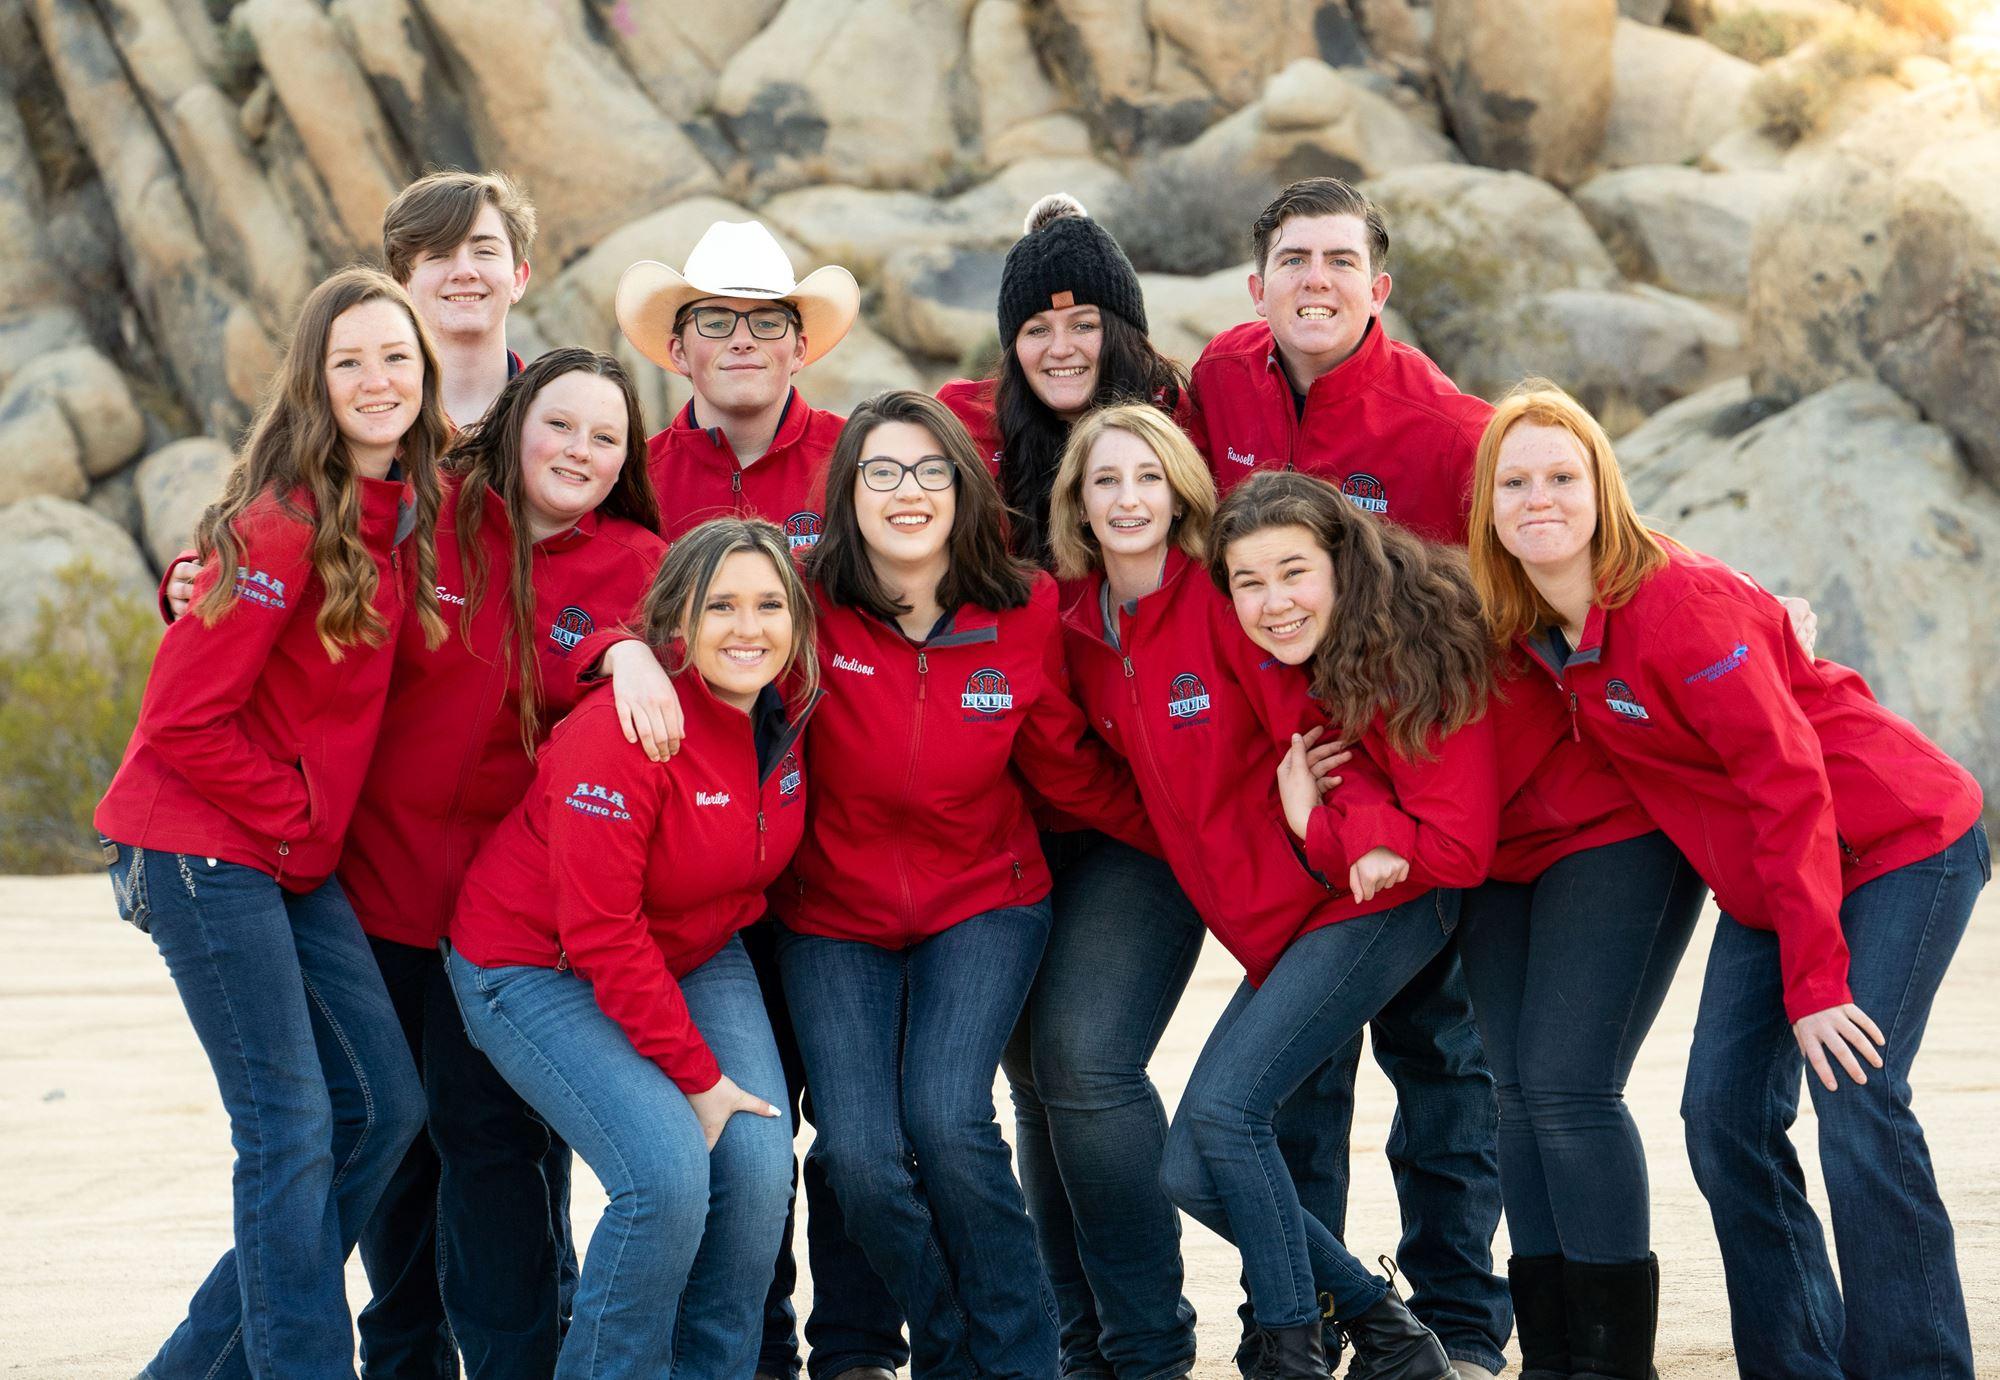 2021 SBC FAIR Junior Fair Board Team